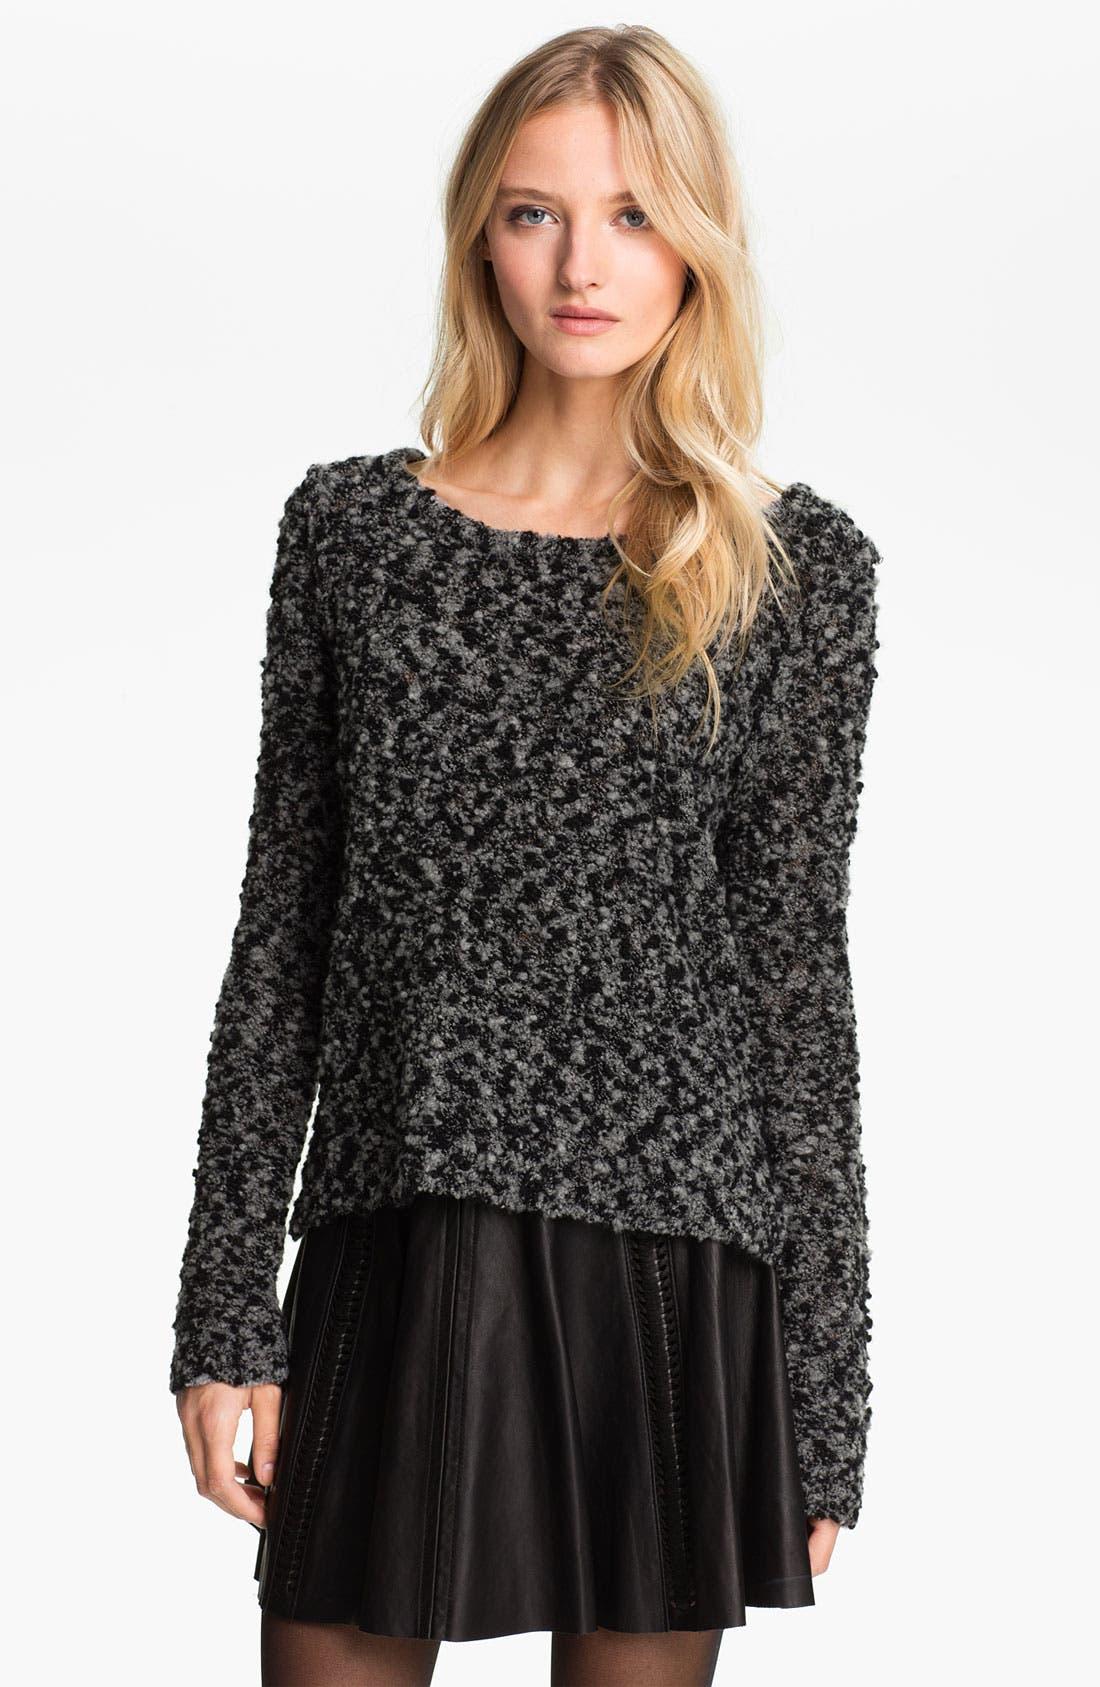 Alternate Image 1 Selected - rag & bone 'Minetta' Pullover